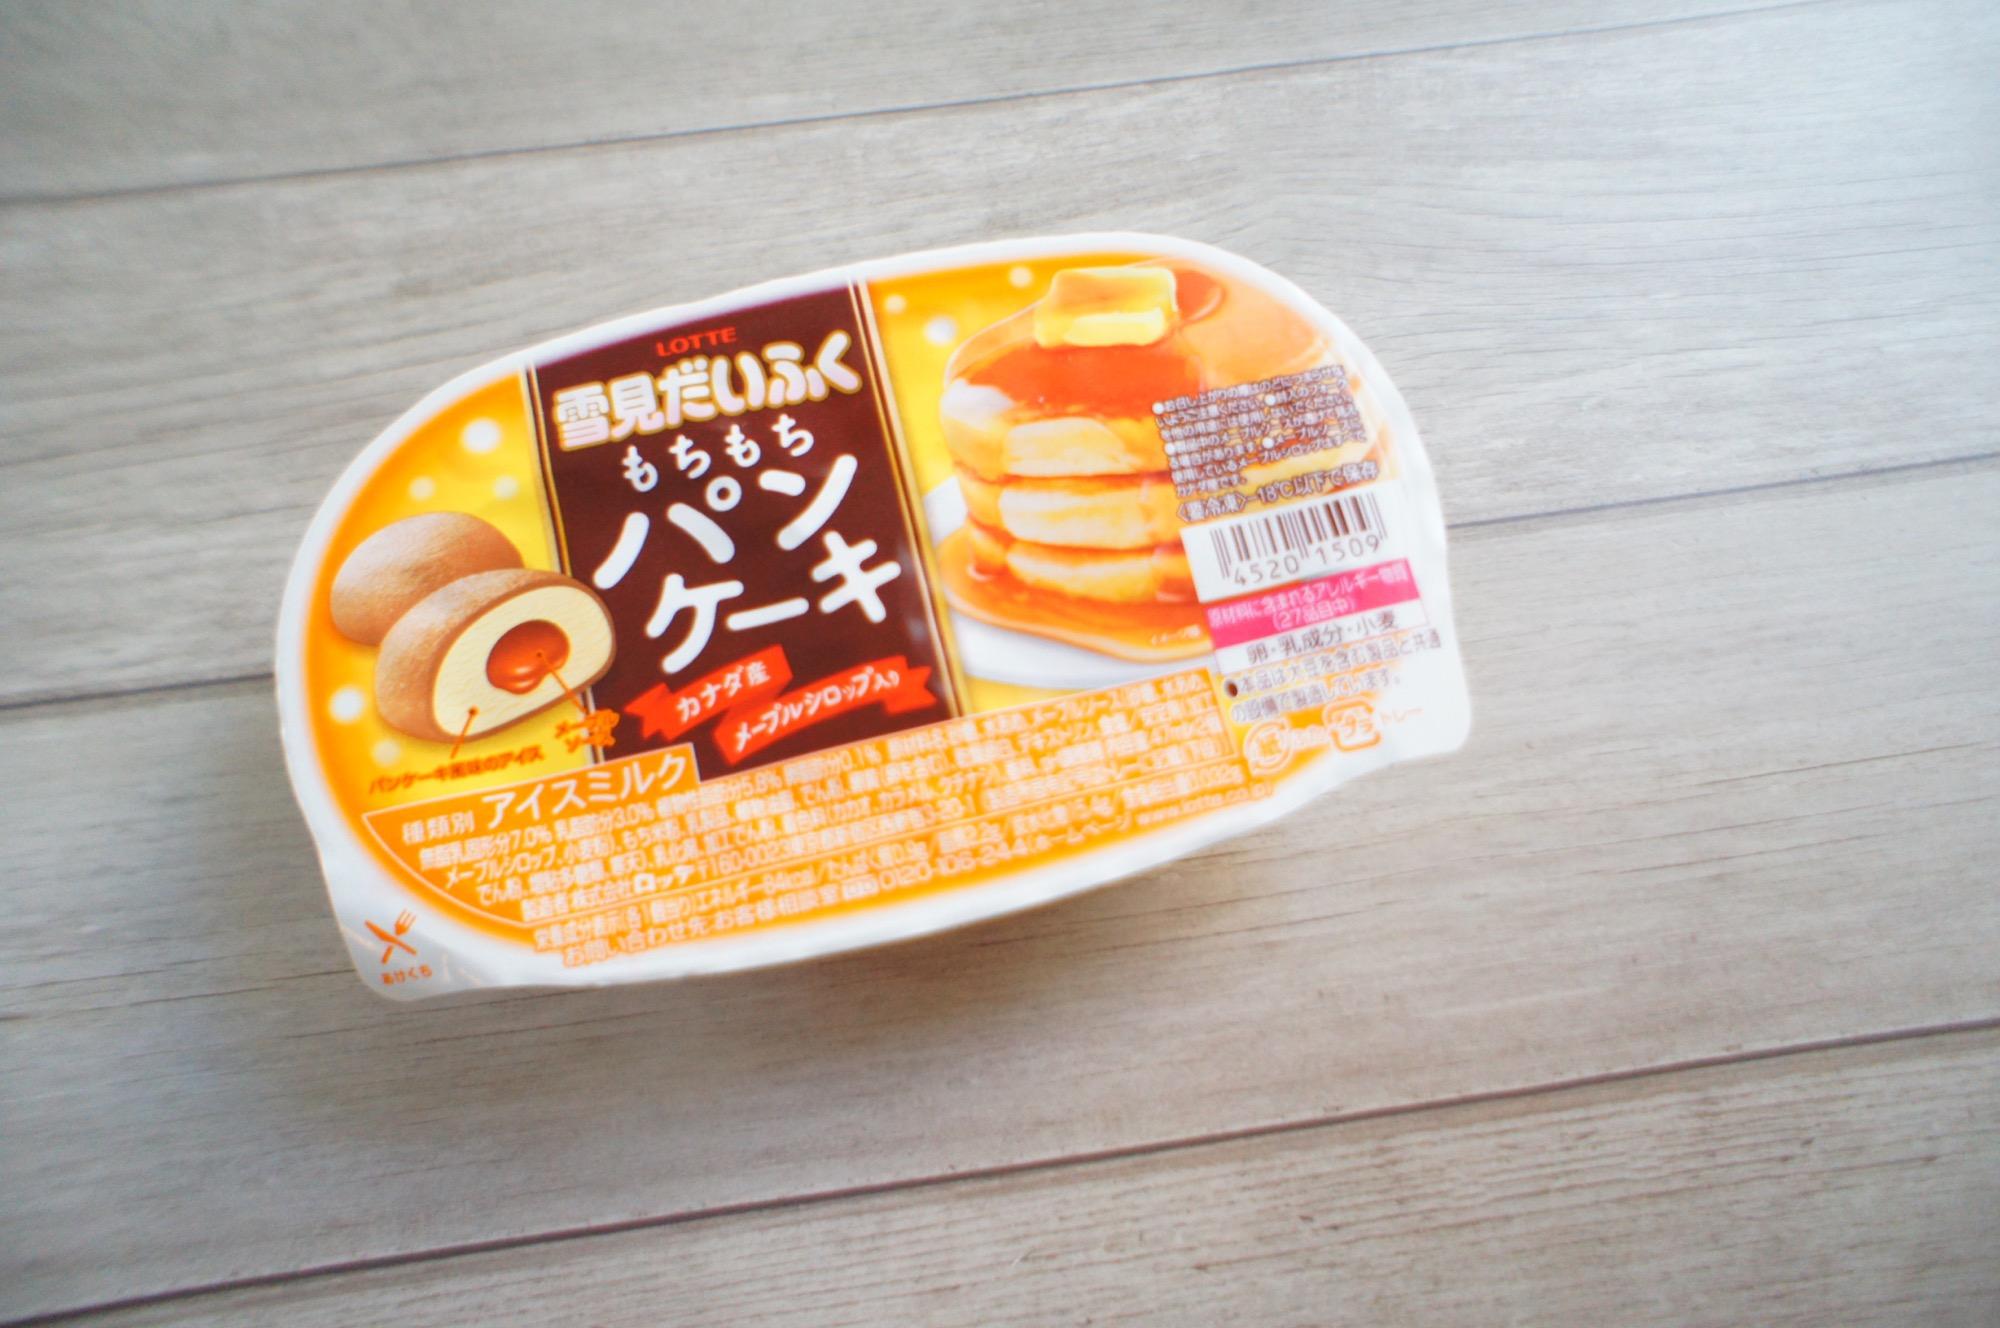 《発売前から話題沸騰❤️》新作アイス!【雪見だいふく】もちもちパンケーキを食べてみました☻_1